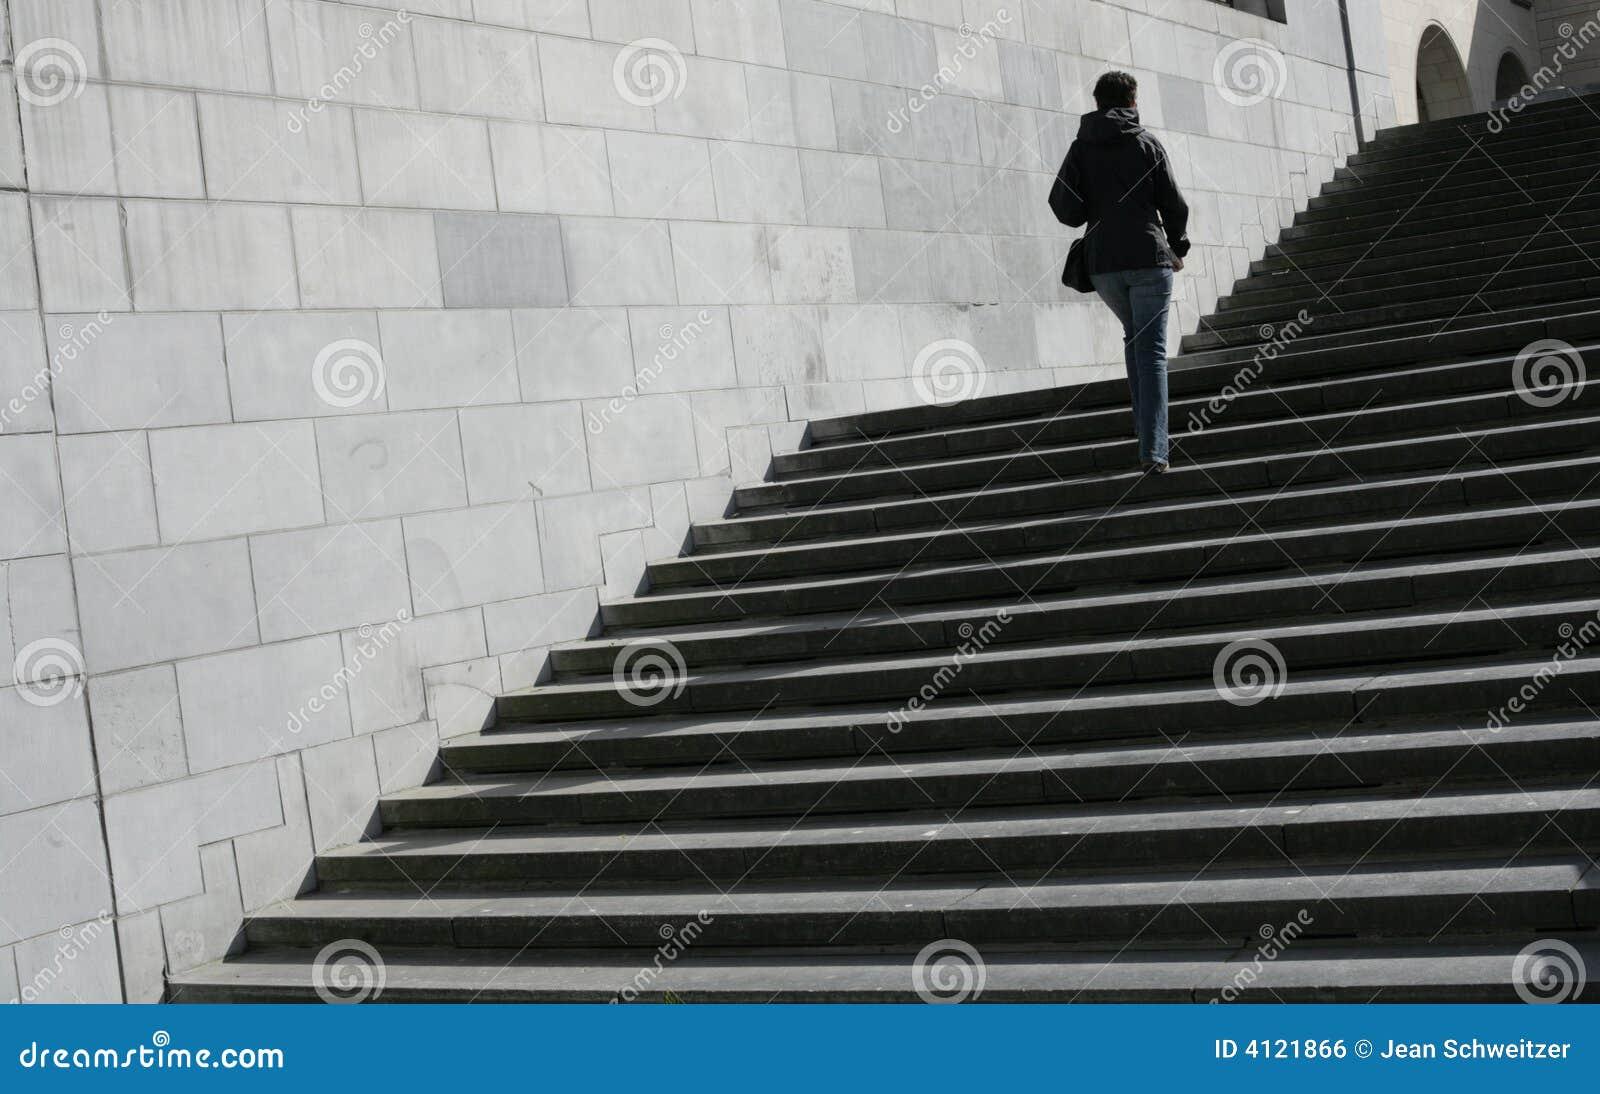 К чему снится идти по ступеням вверх в торговом центре